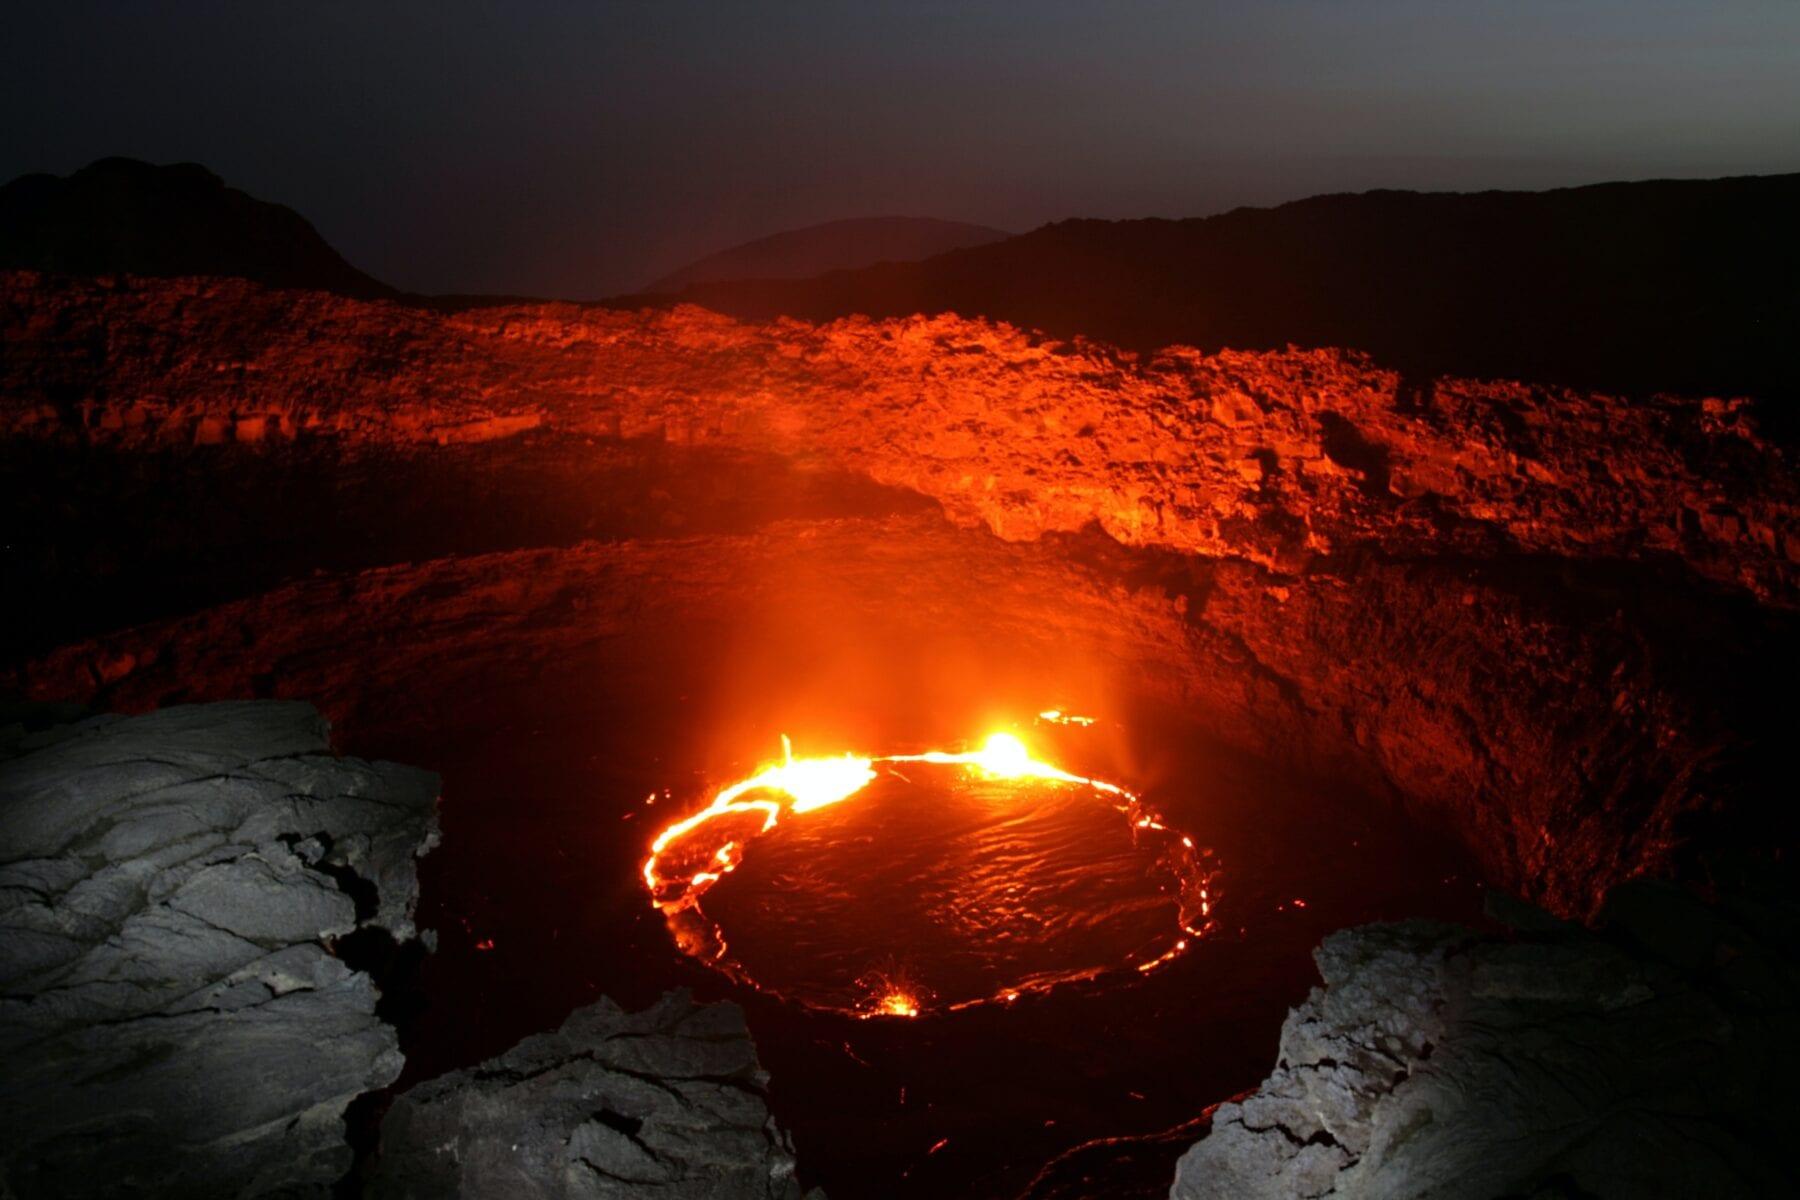 Nummer negen in de lijst van afgelegen gebieden: Erta Ale lavameren